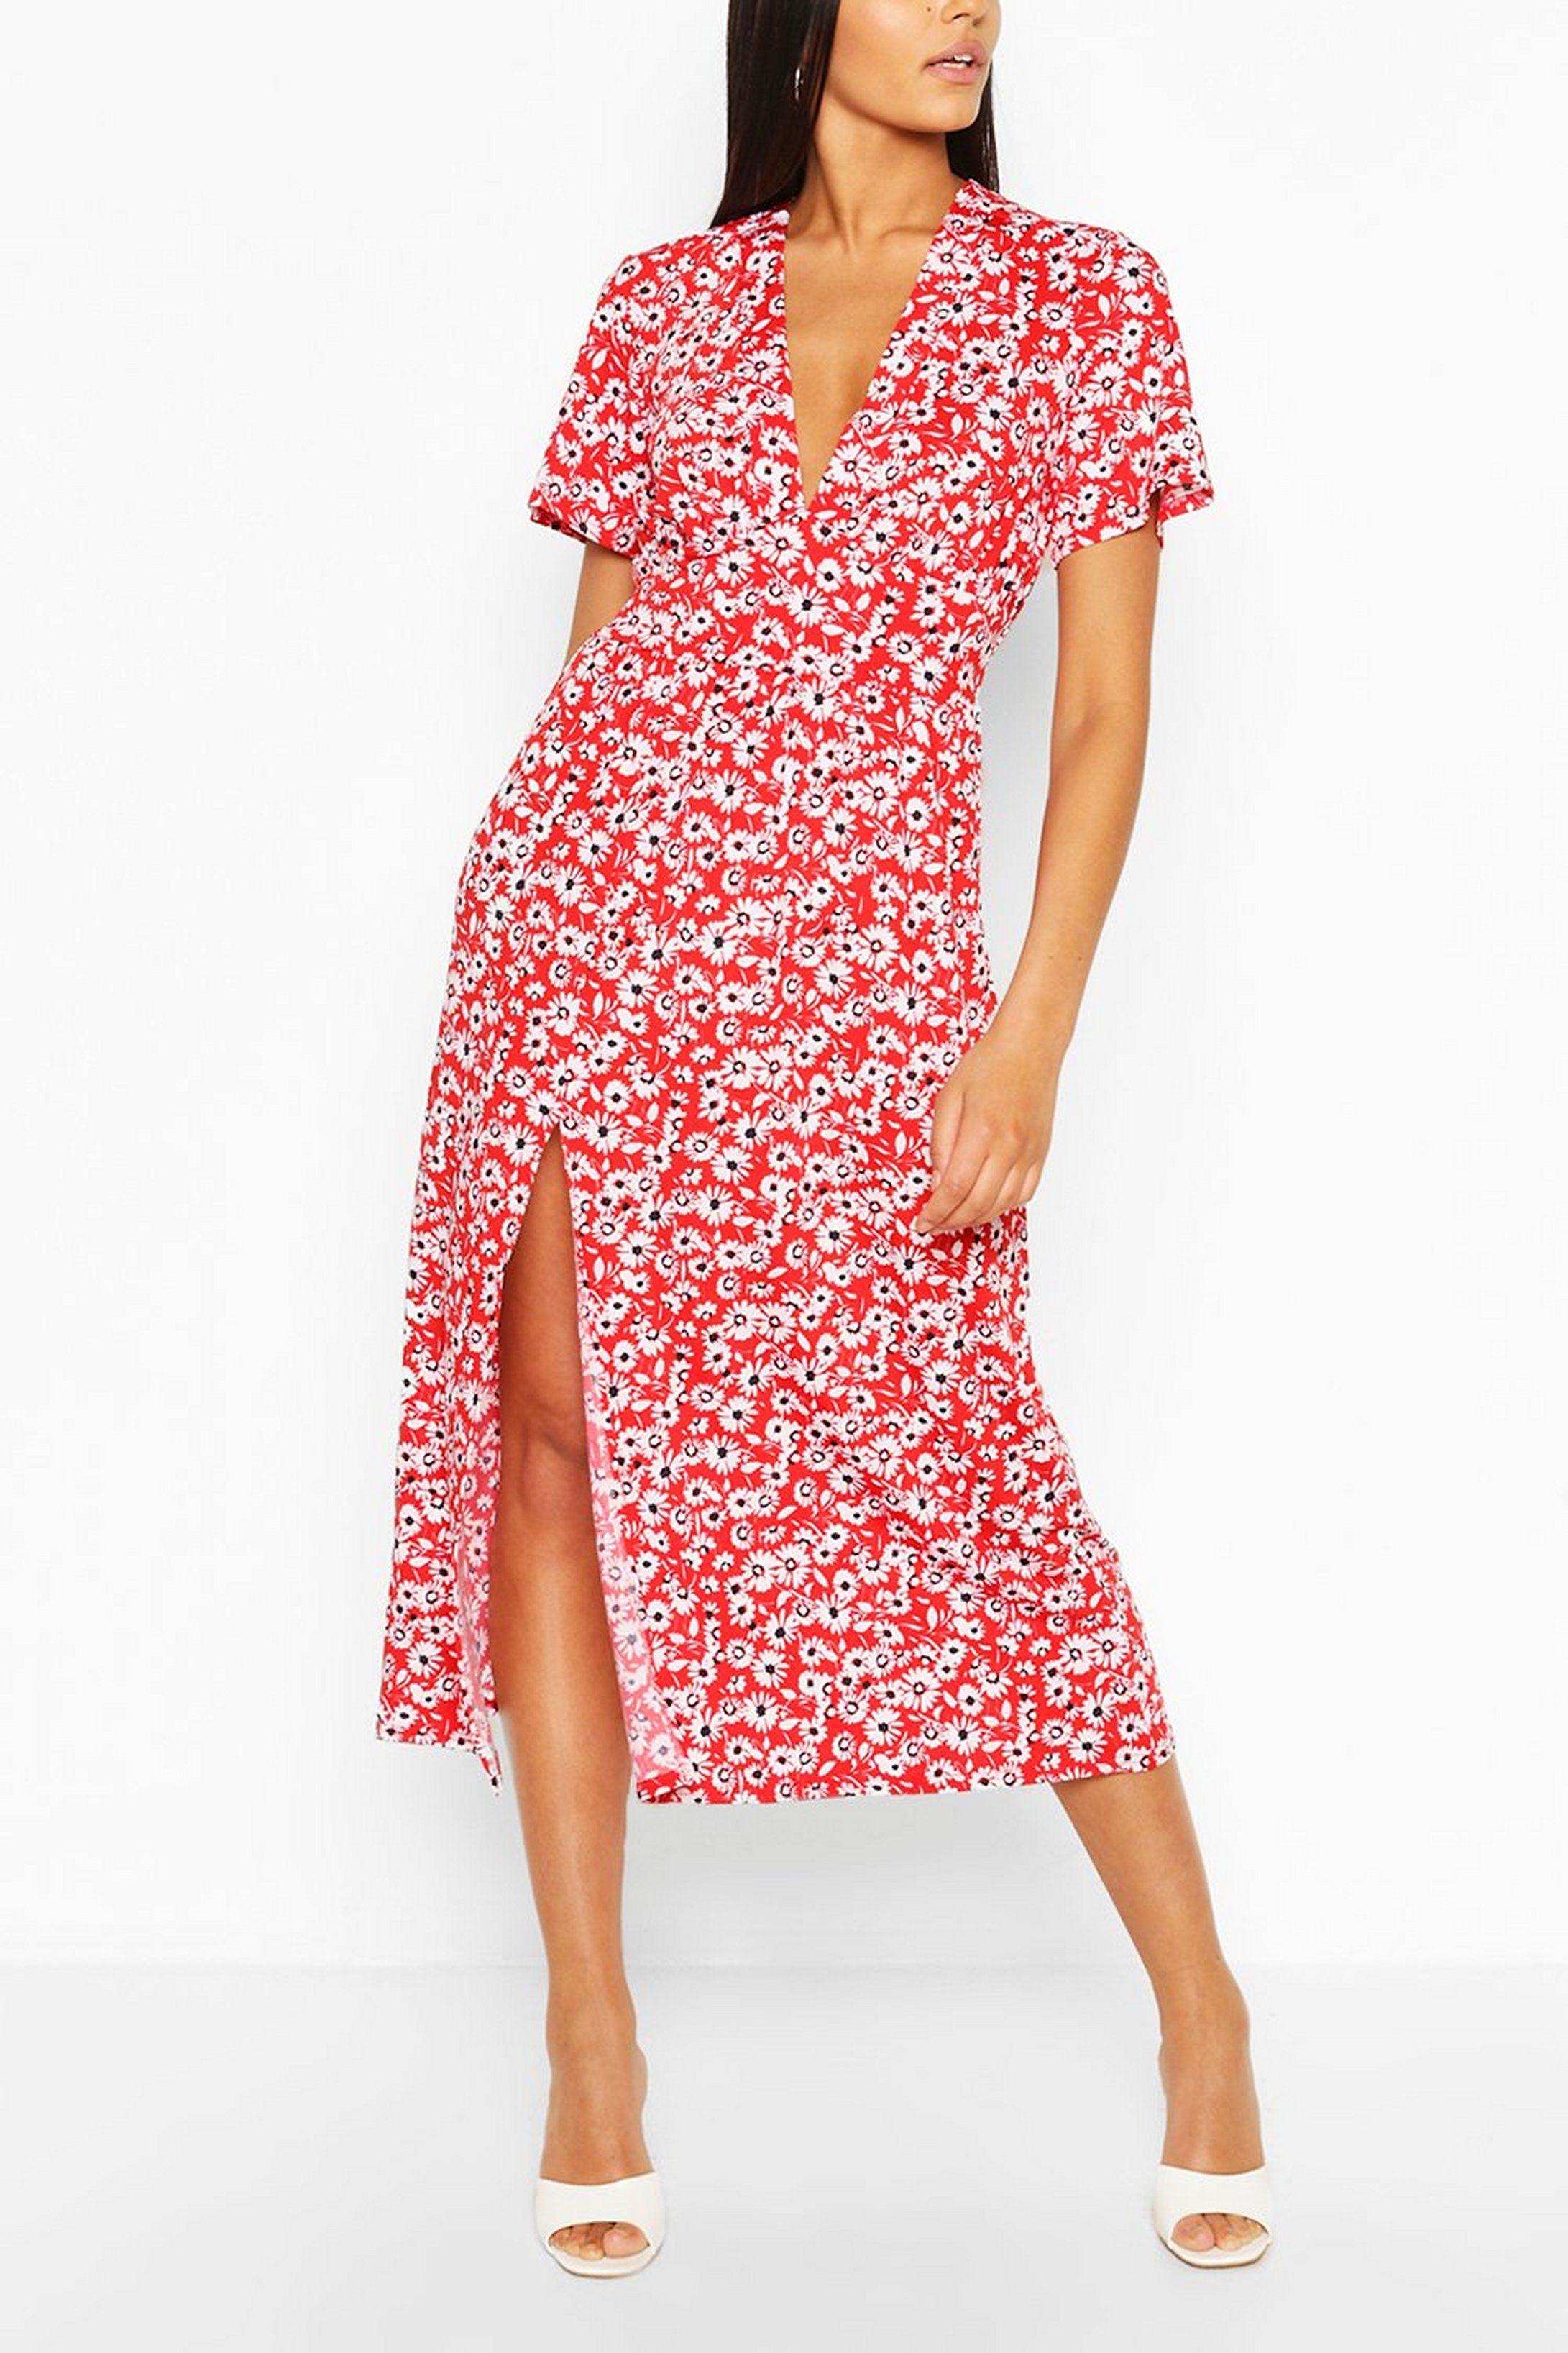 Tall Floral Midi Dress Boohoo In 2021 Midi Dress Dresses Clothing For Tall Women [ 3272 x 2181 Pixel ]